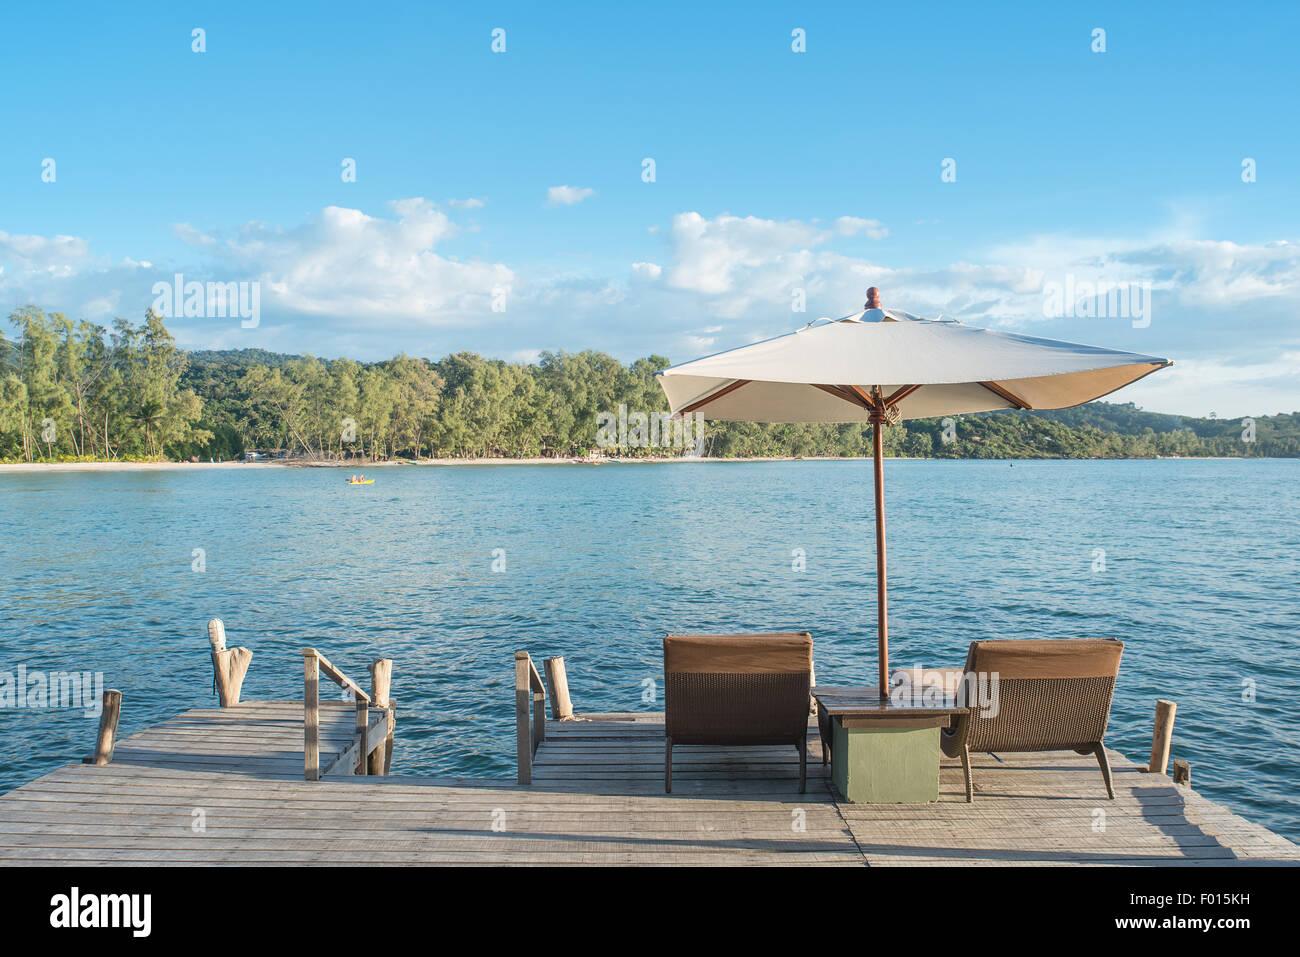 L'été, les voyages, vacances et maison de vacances concept - chaises de plage et parasol sur un bureau Photo Stock